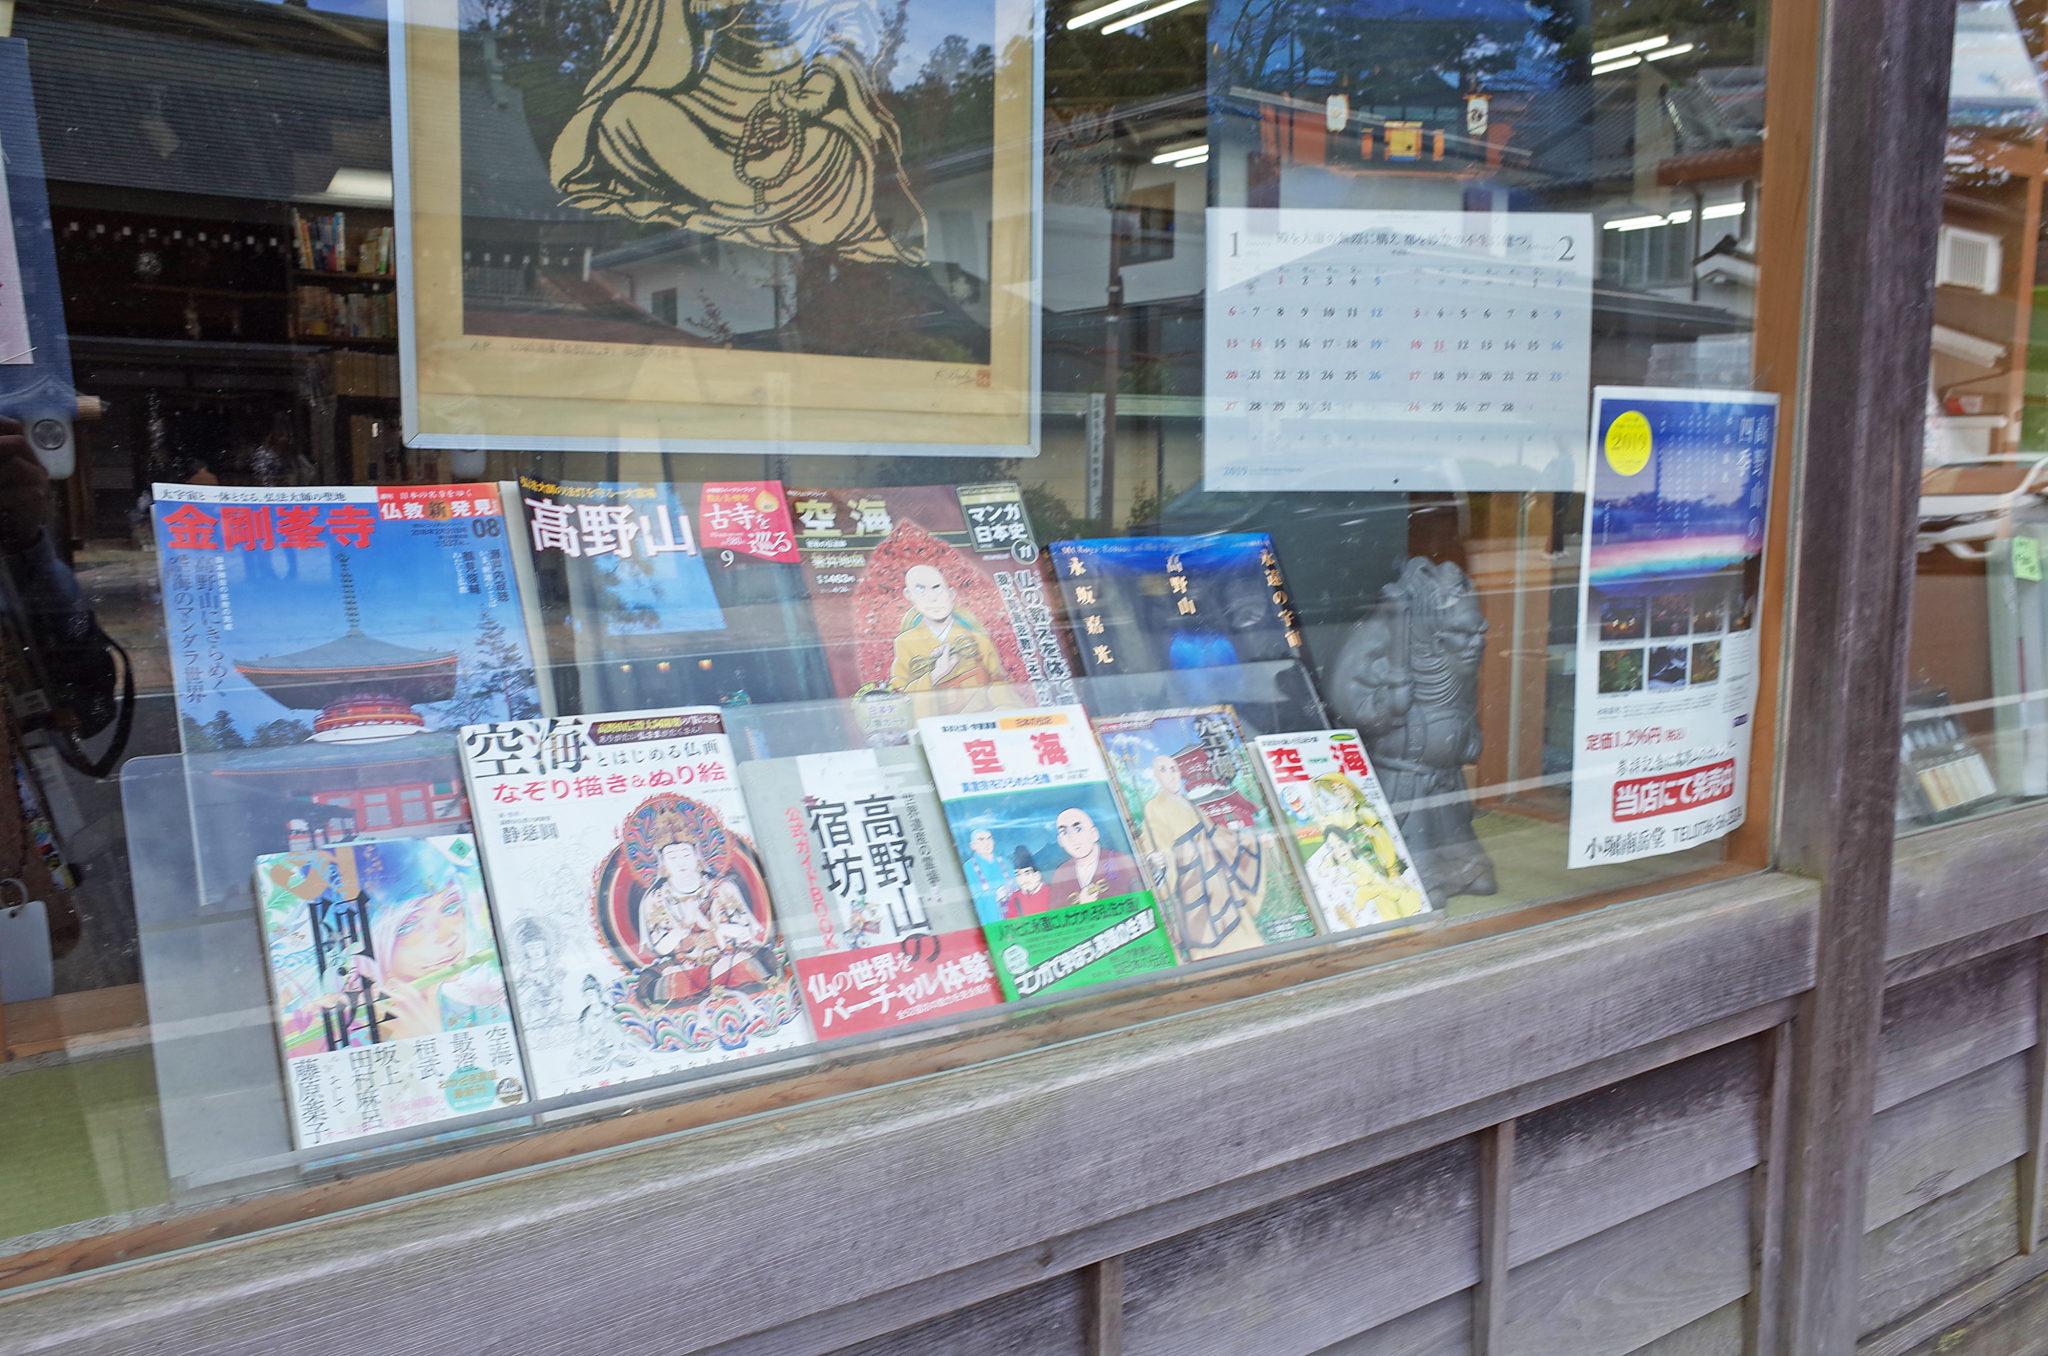 高野山で見つけた本屋